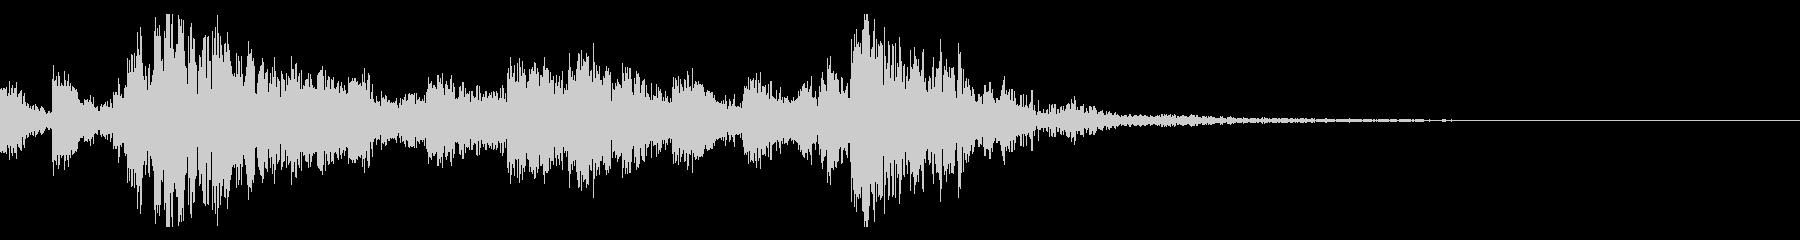 太鼓の和太鼓フレーズ/和風ジングル 34の未再生の波形